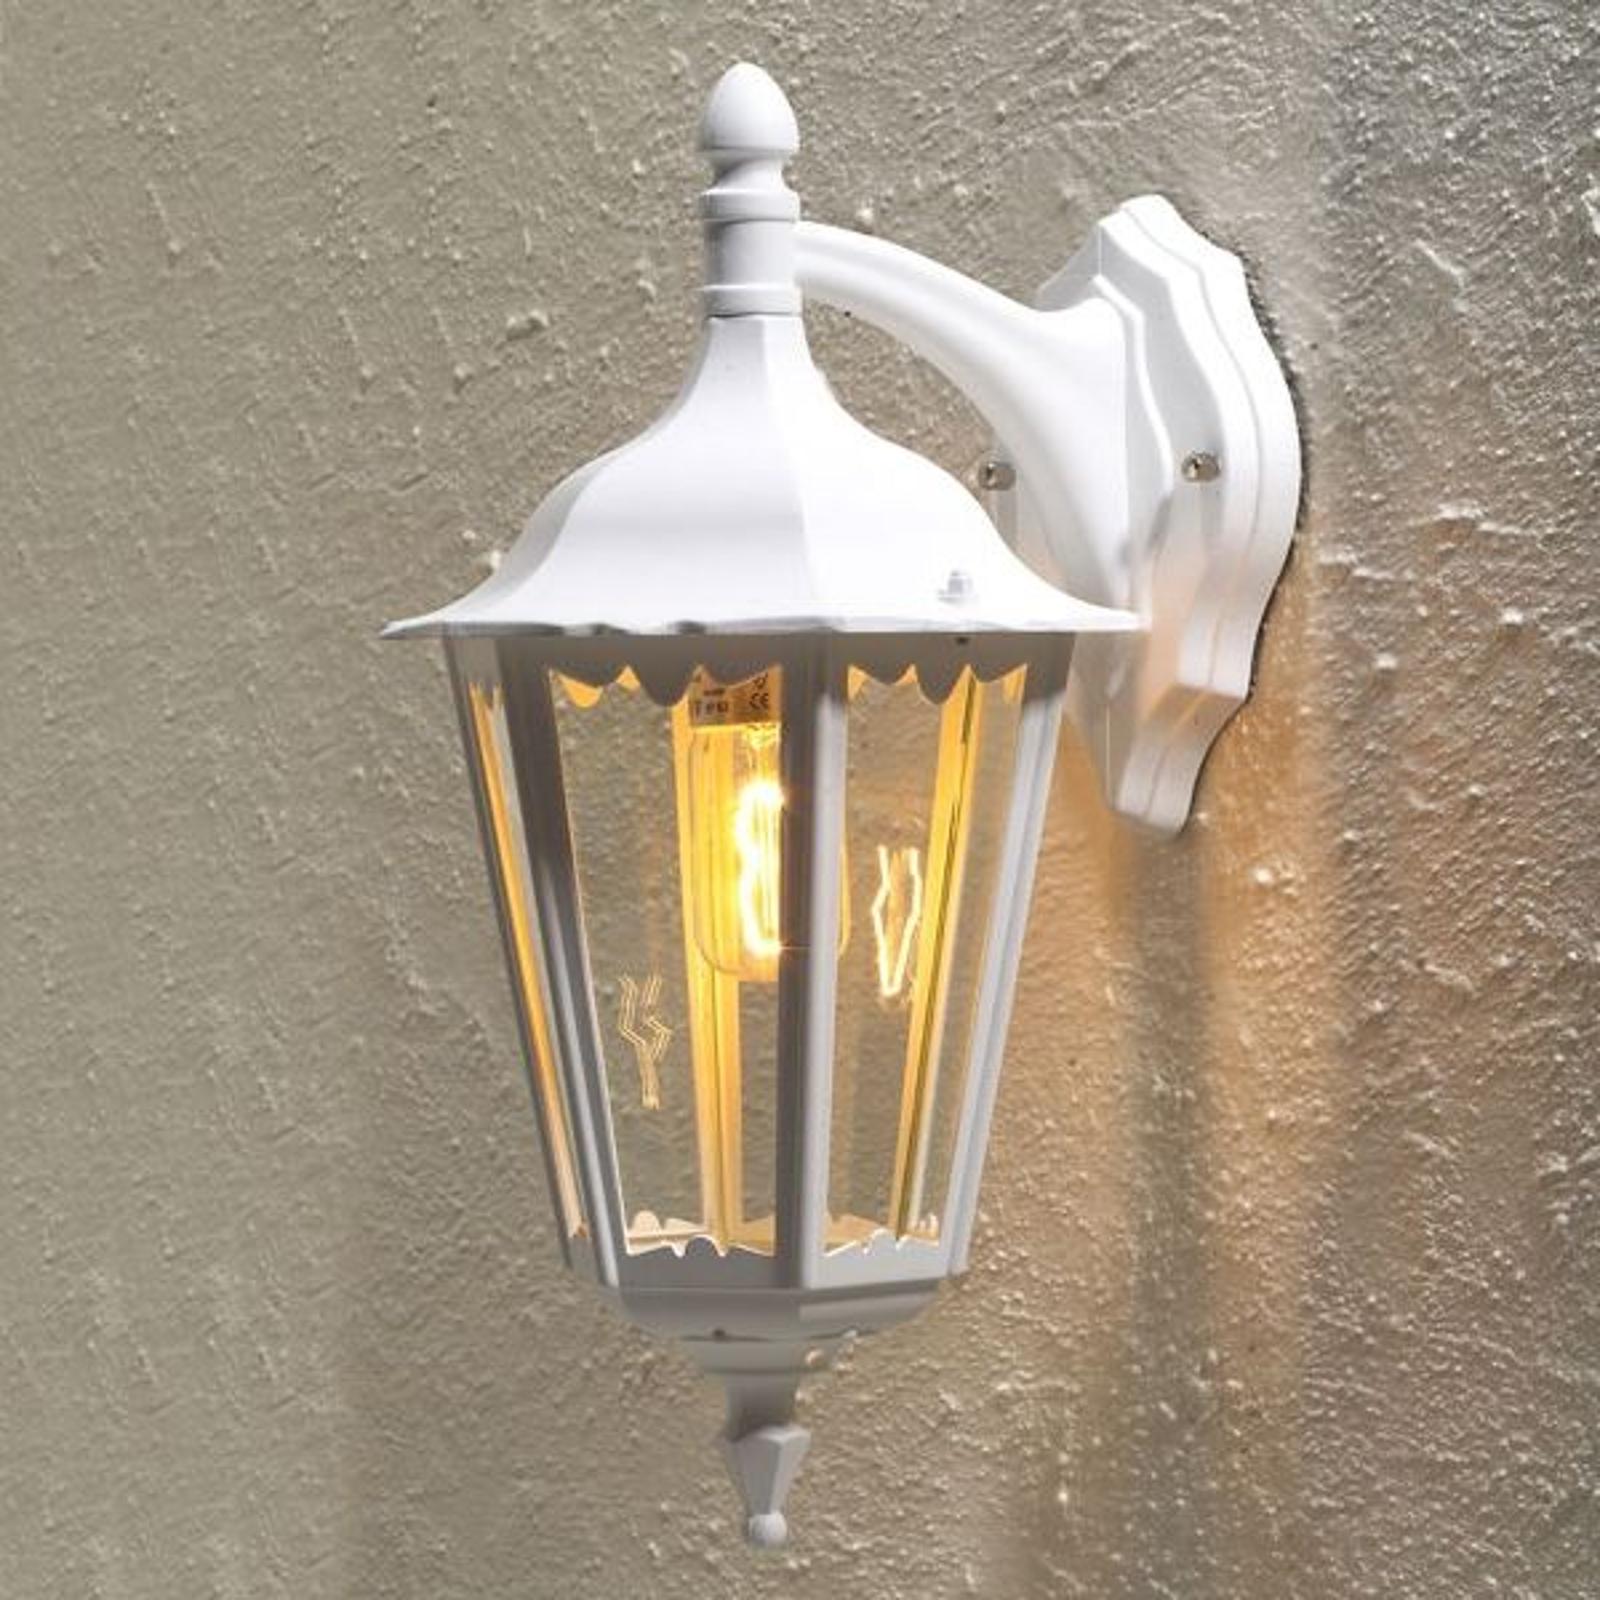 Kinkiet zewnętrzny Firenze, wiszący, 48 cm, biały